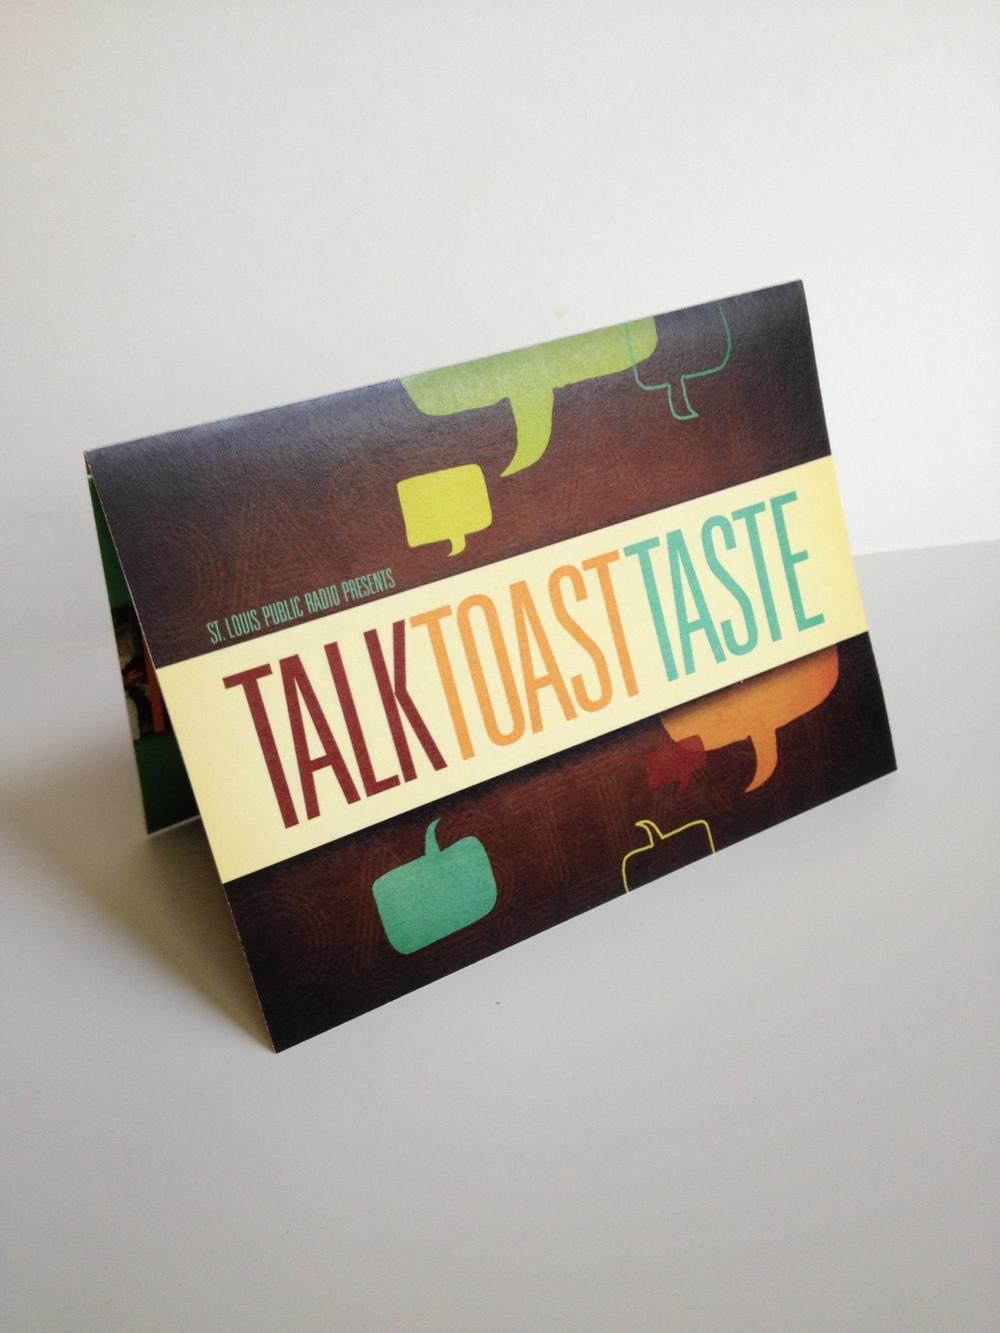 TalkToastTaste_4.JPG